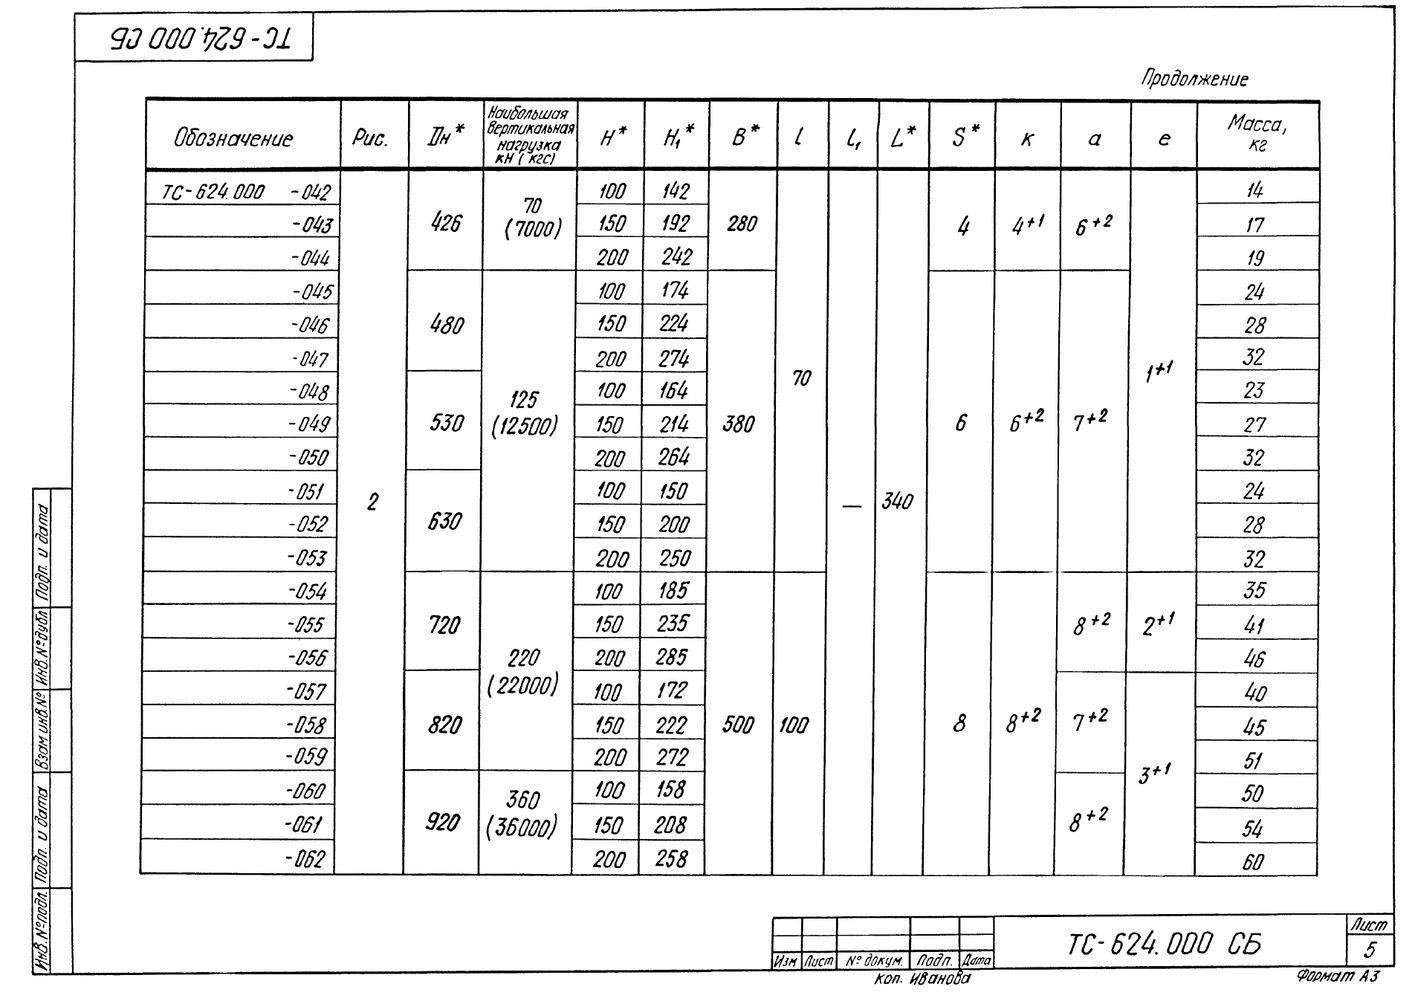 Опора скользящая приварная ТС-624.000 серия 5.903-13 выпуск 8-95 стр.5